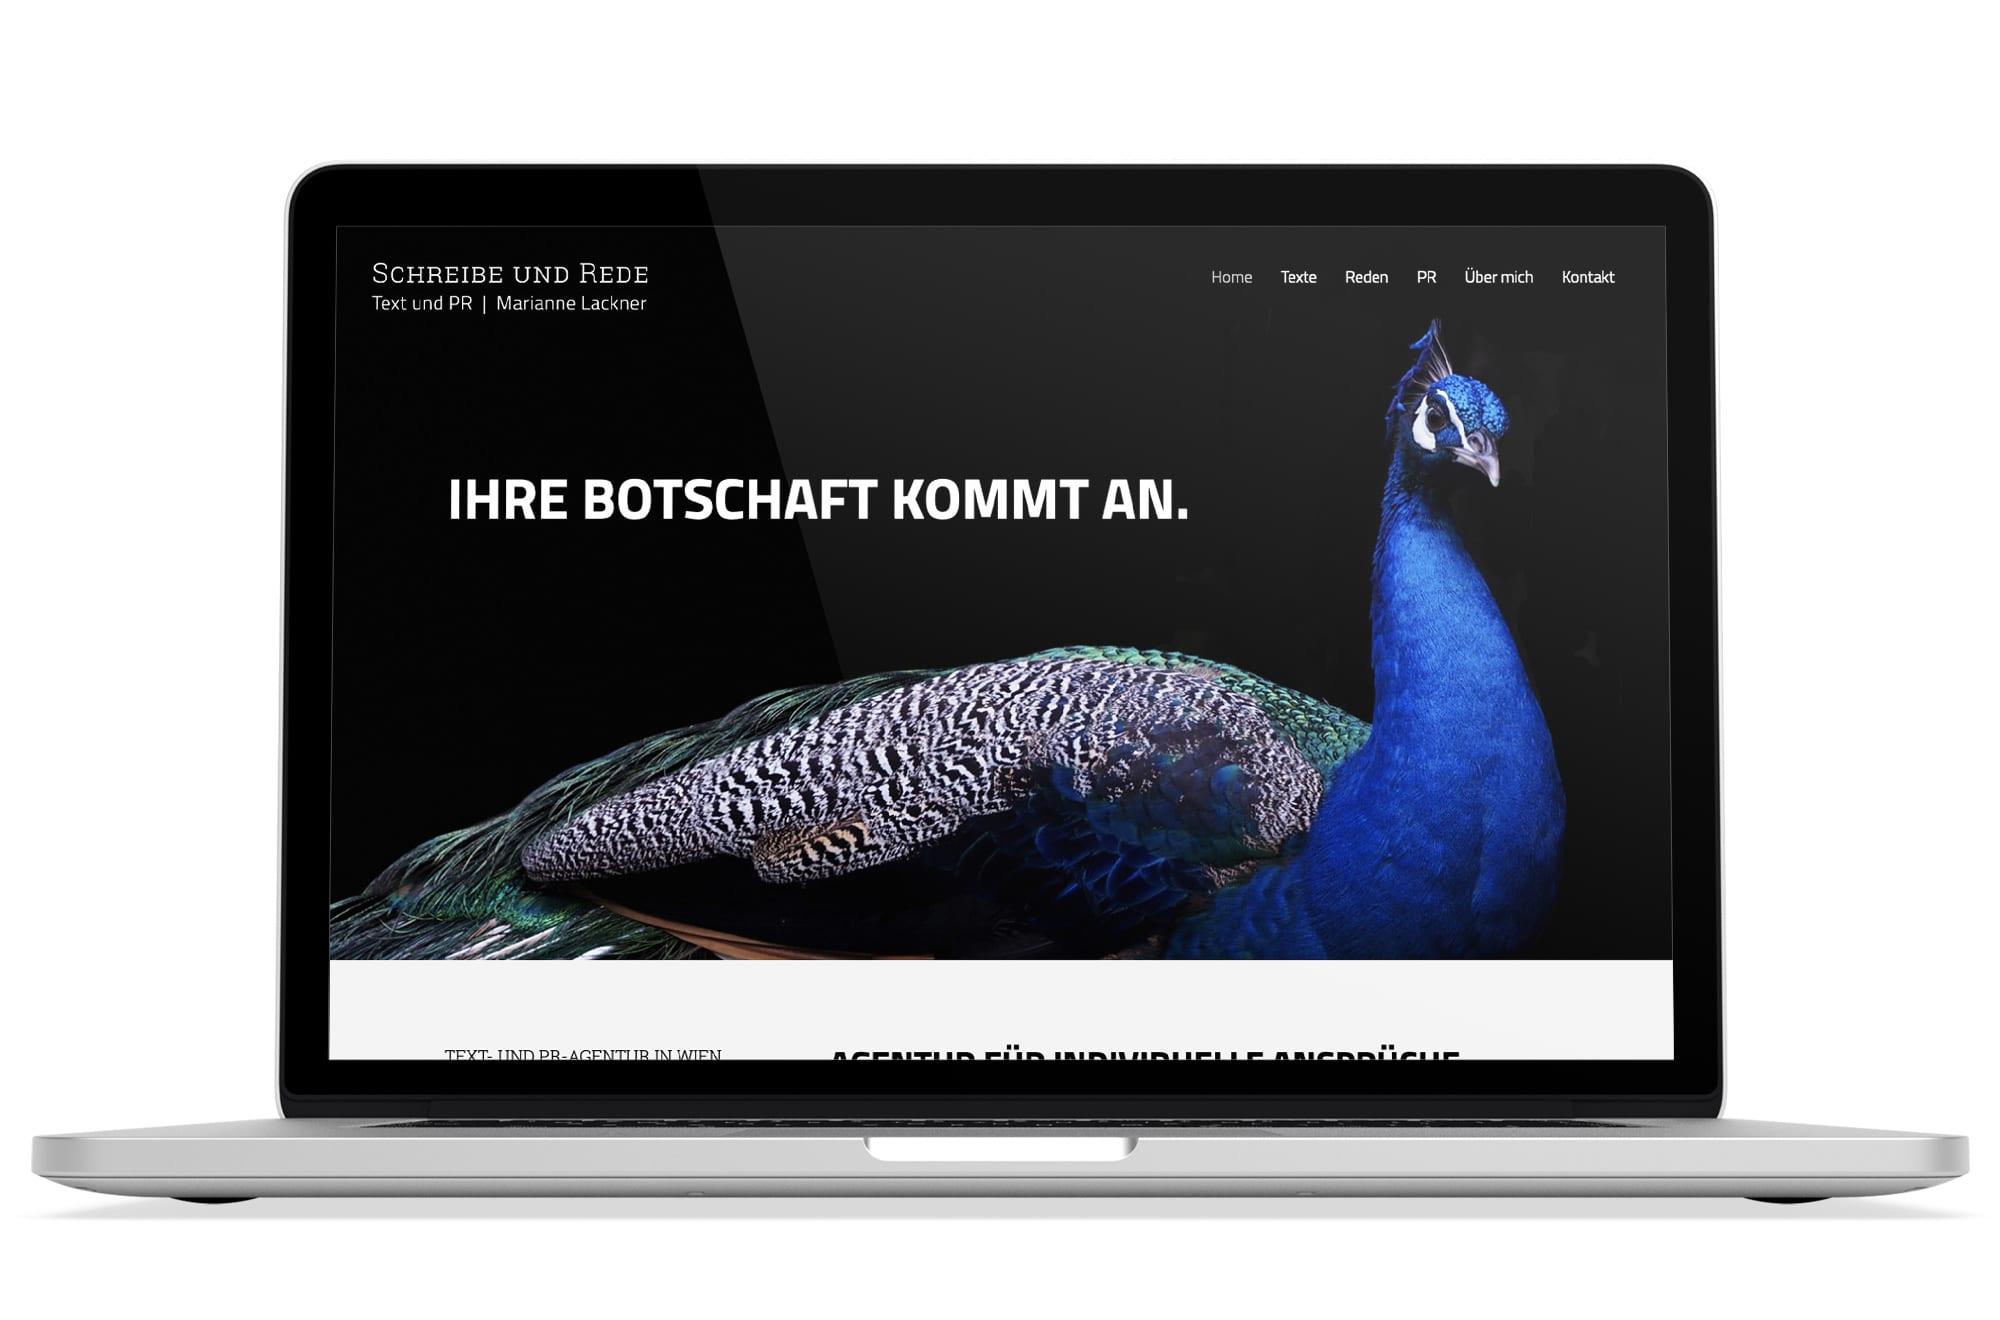 Webdesign Beispiel: Logodesign, Responsive Webdesign, WordPress für Text- und PR-Agentur